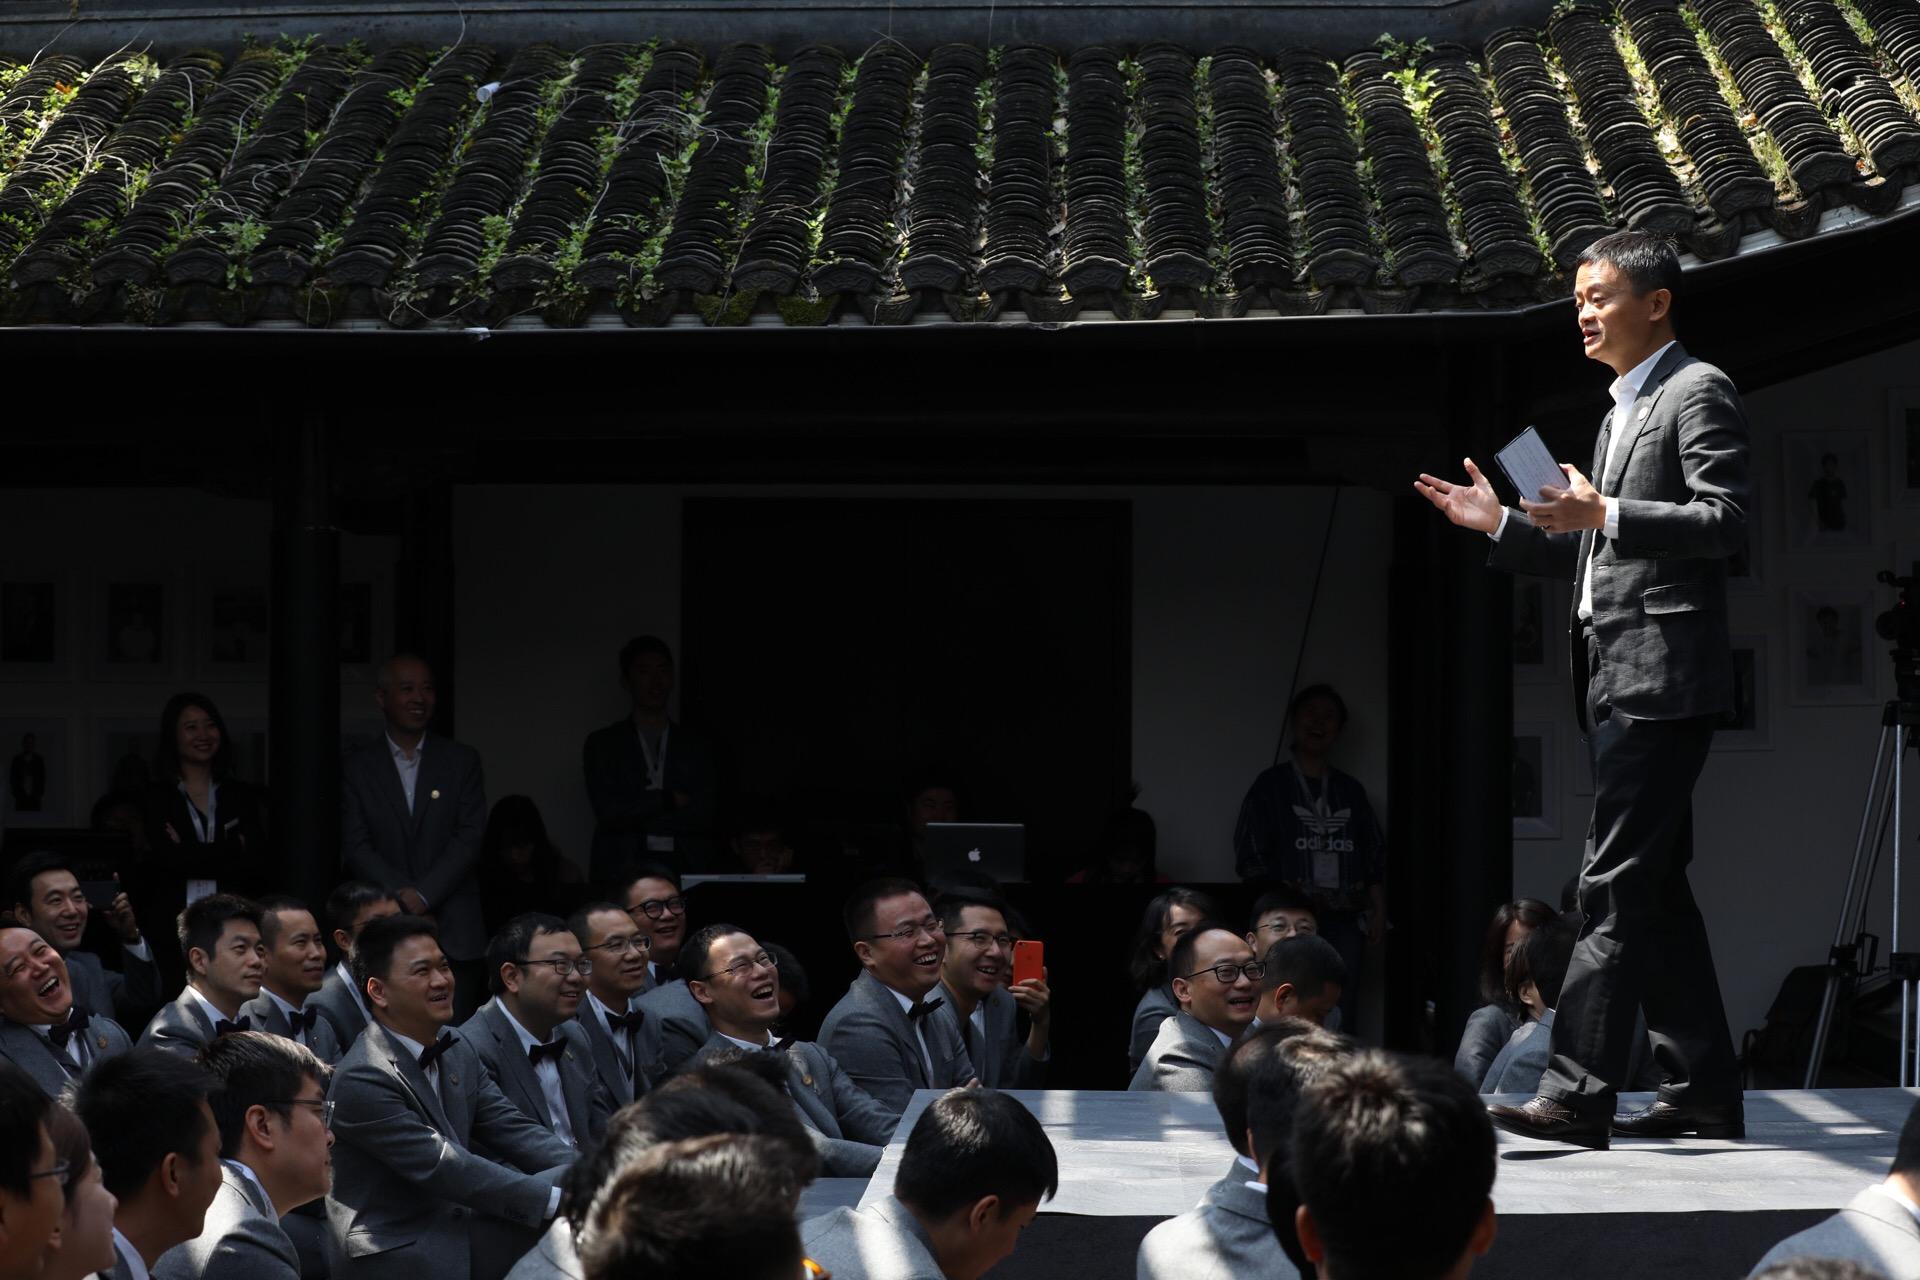 """湖畔大学校长马云提出""""湖畔四为"""",表示湖畔大学的使命就是培养更多有责任、有担当、有情怀的中国企业家群体"""